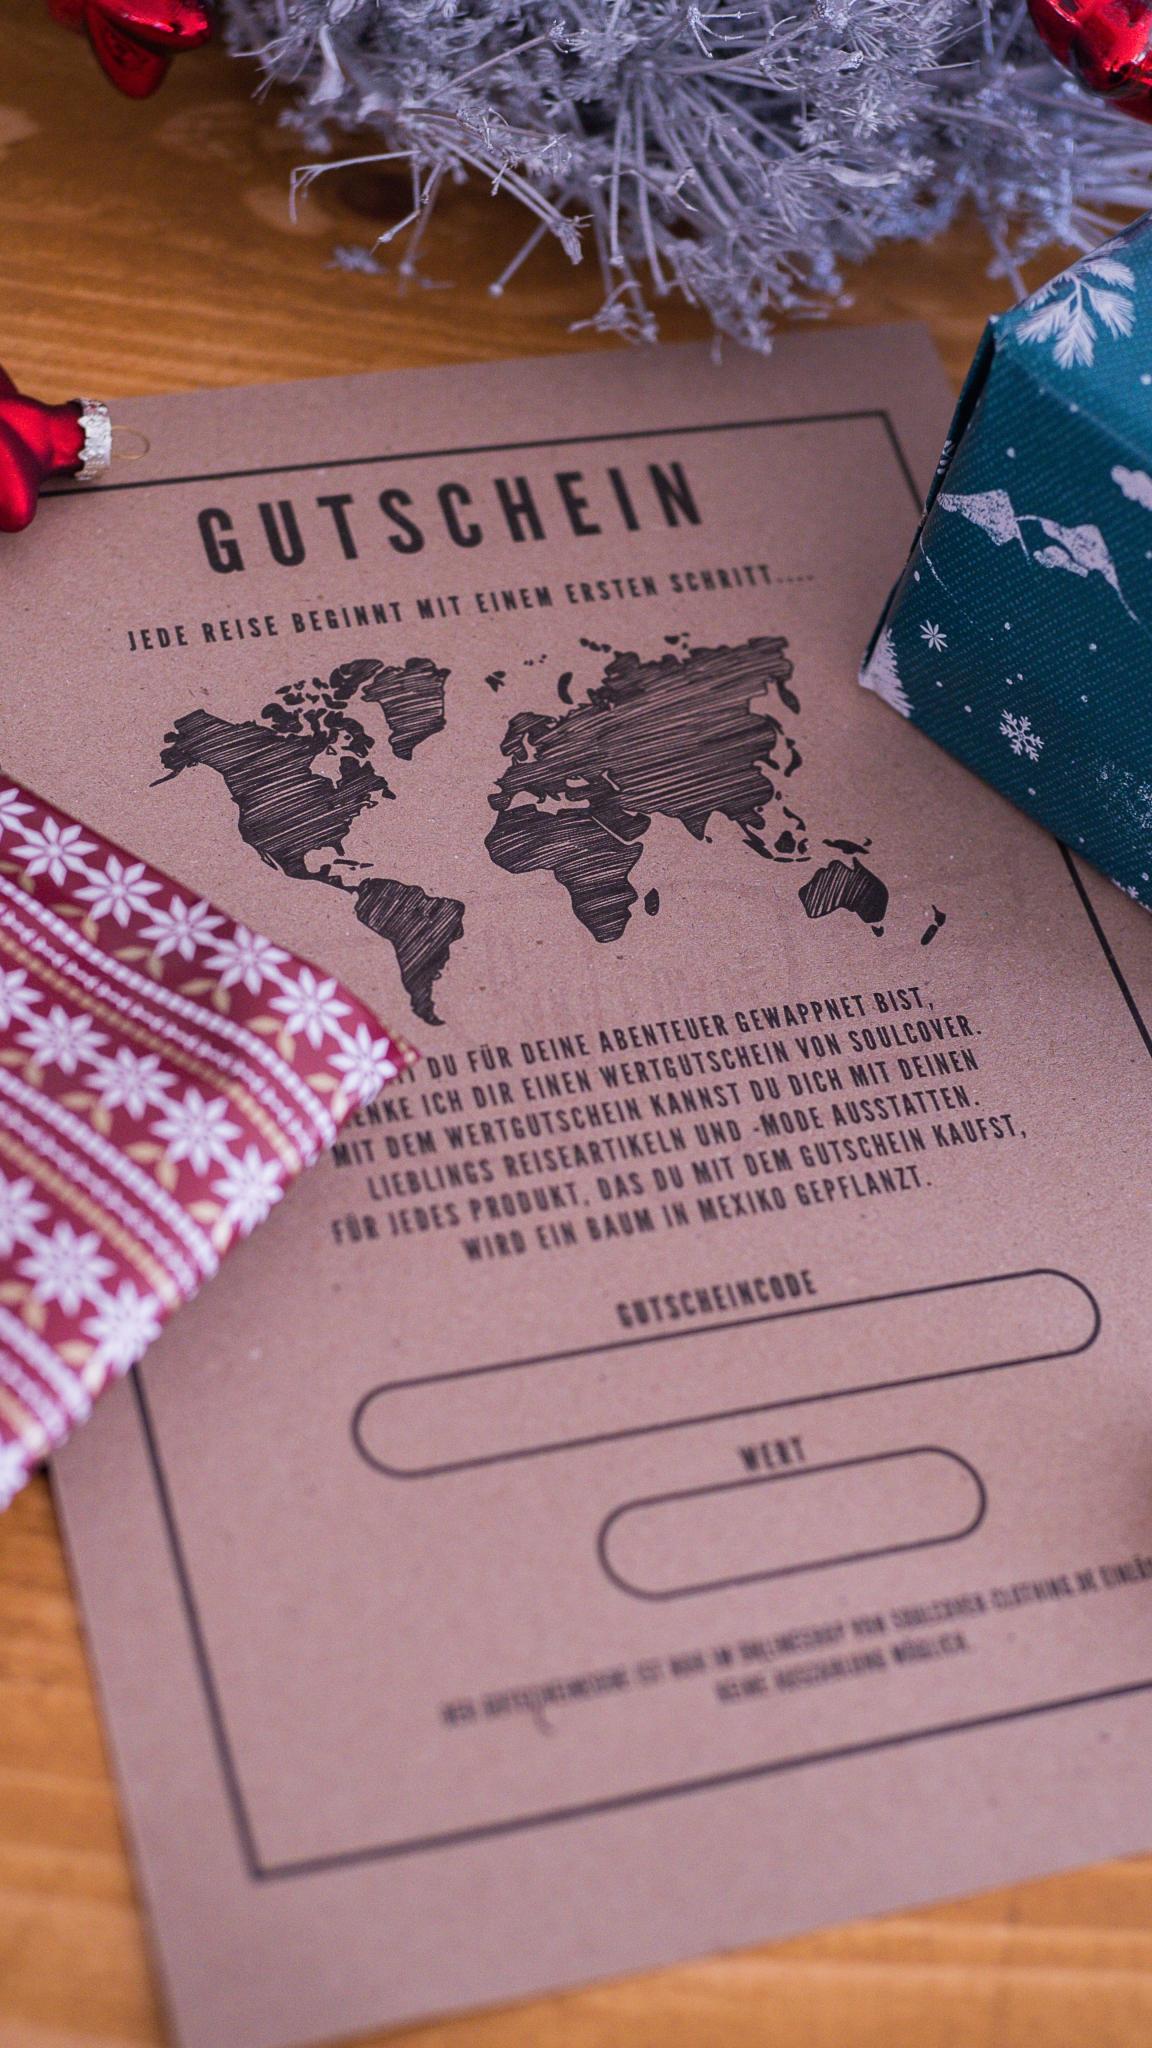 Gutschein, Soulcover, Geschenkidee, Gutschein